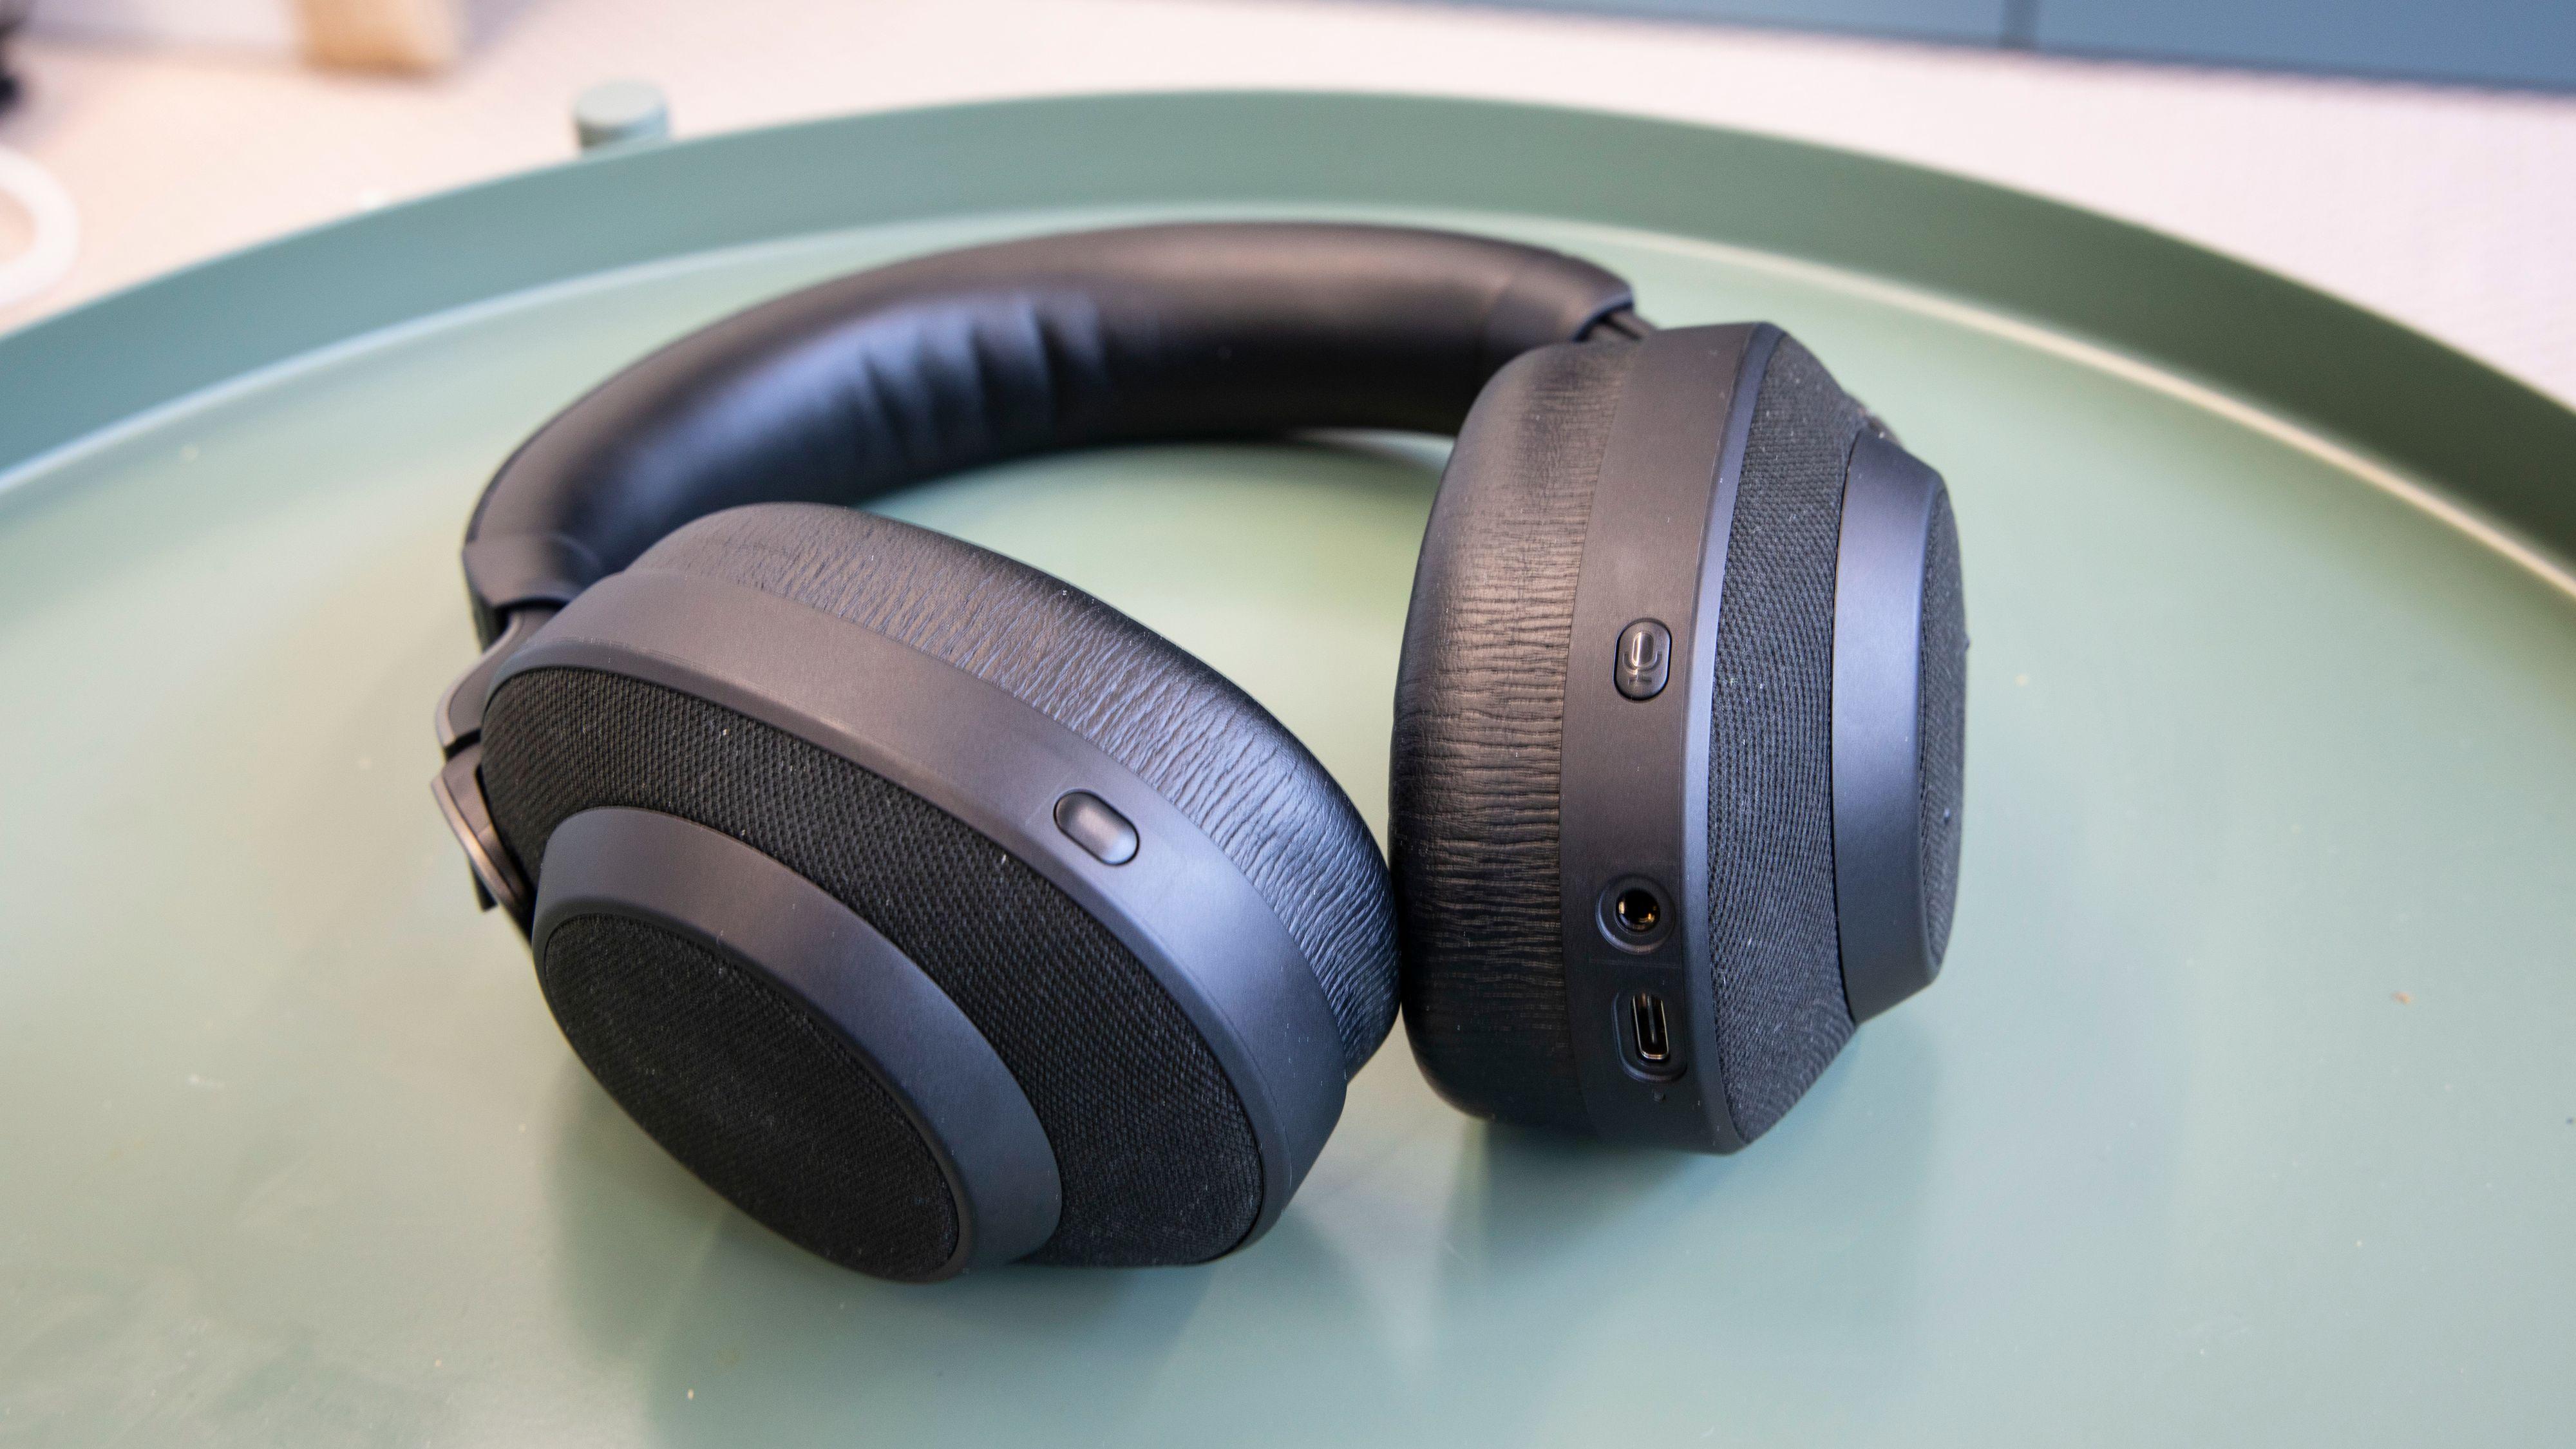 Knappen på høyre øreklokke brukes til å aktivere taleassistenten, mens knappen på den venstre bytter mellom støydempingsmodusene.